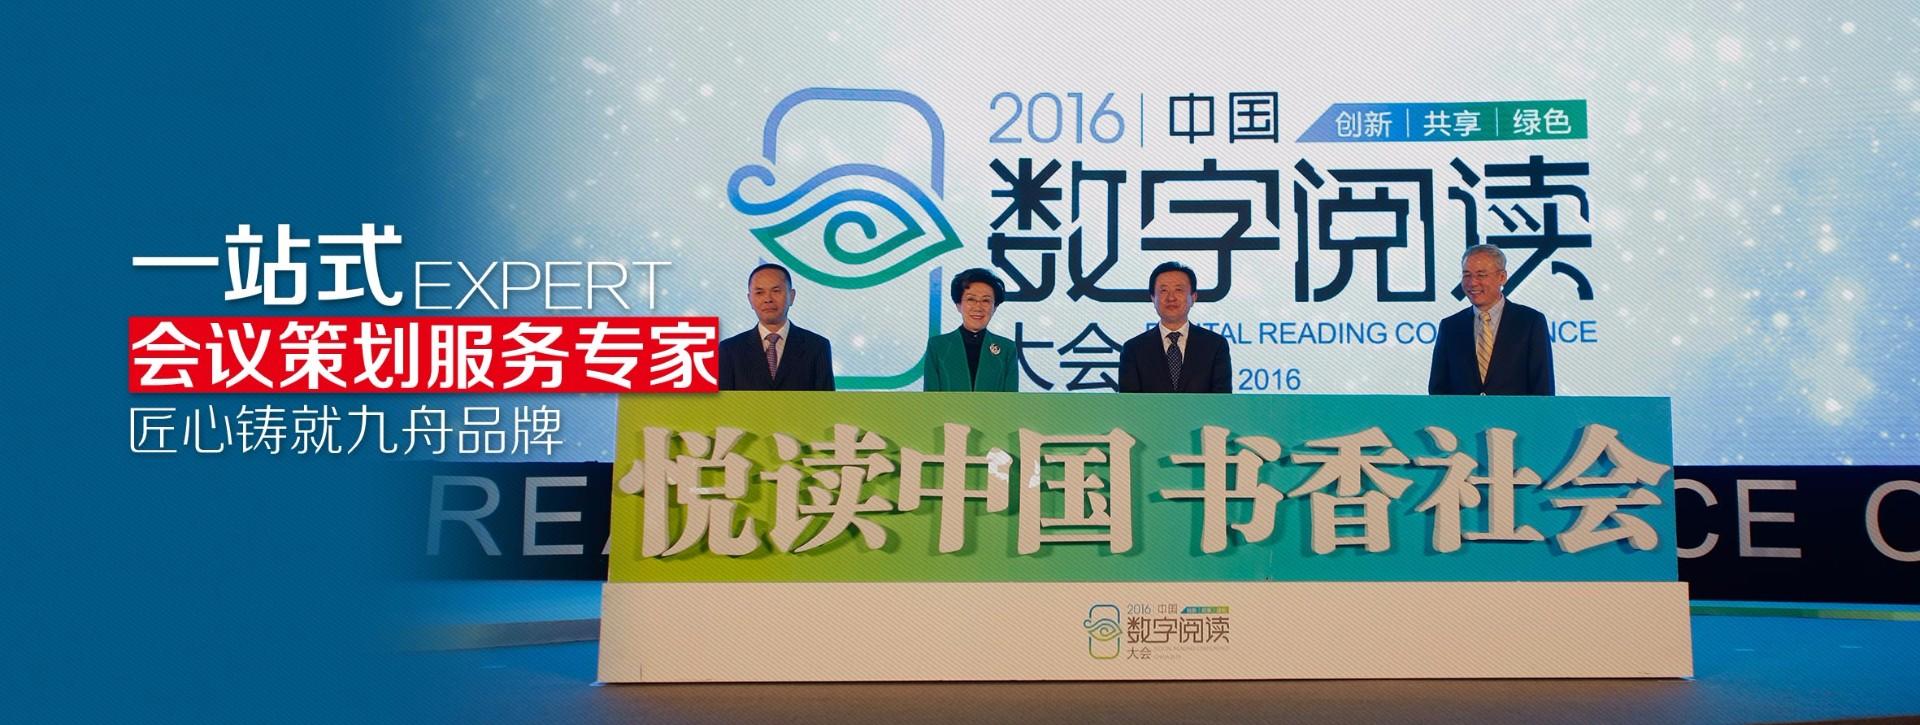 会展千亿国际娱乐官方网站banner2